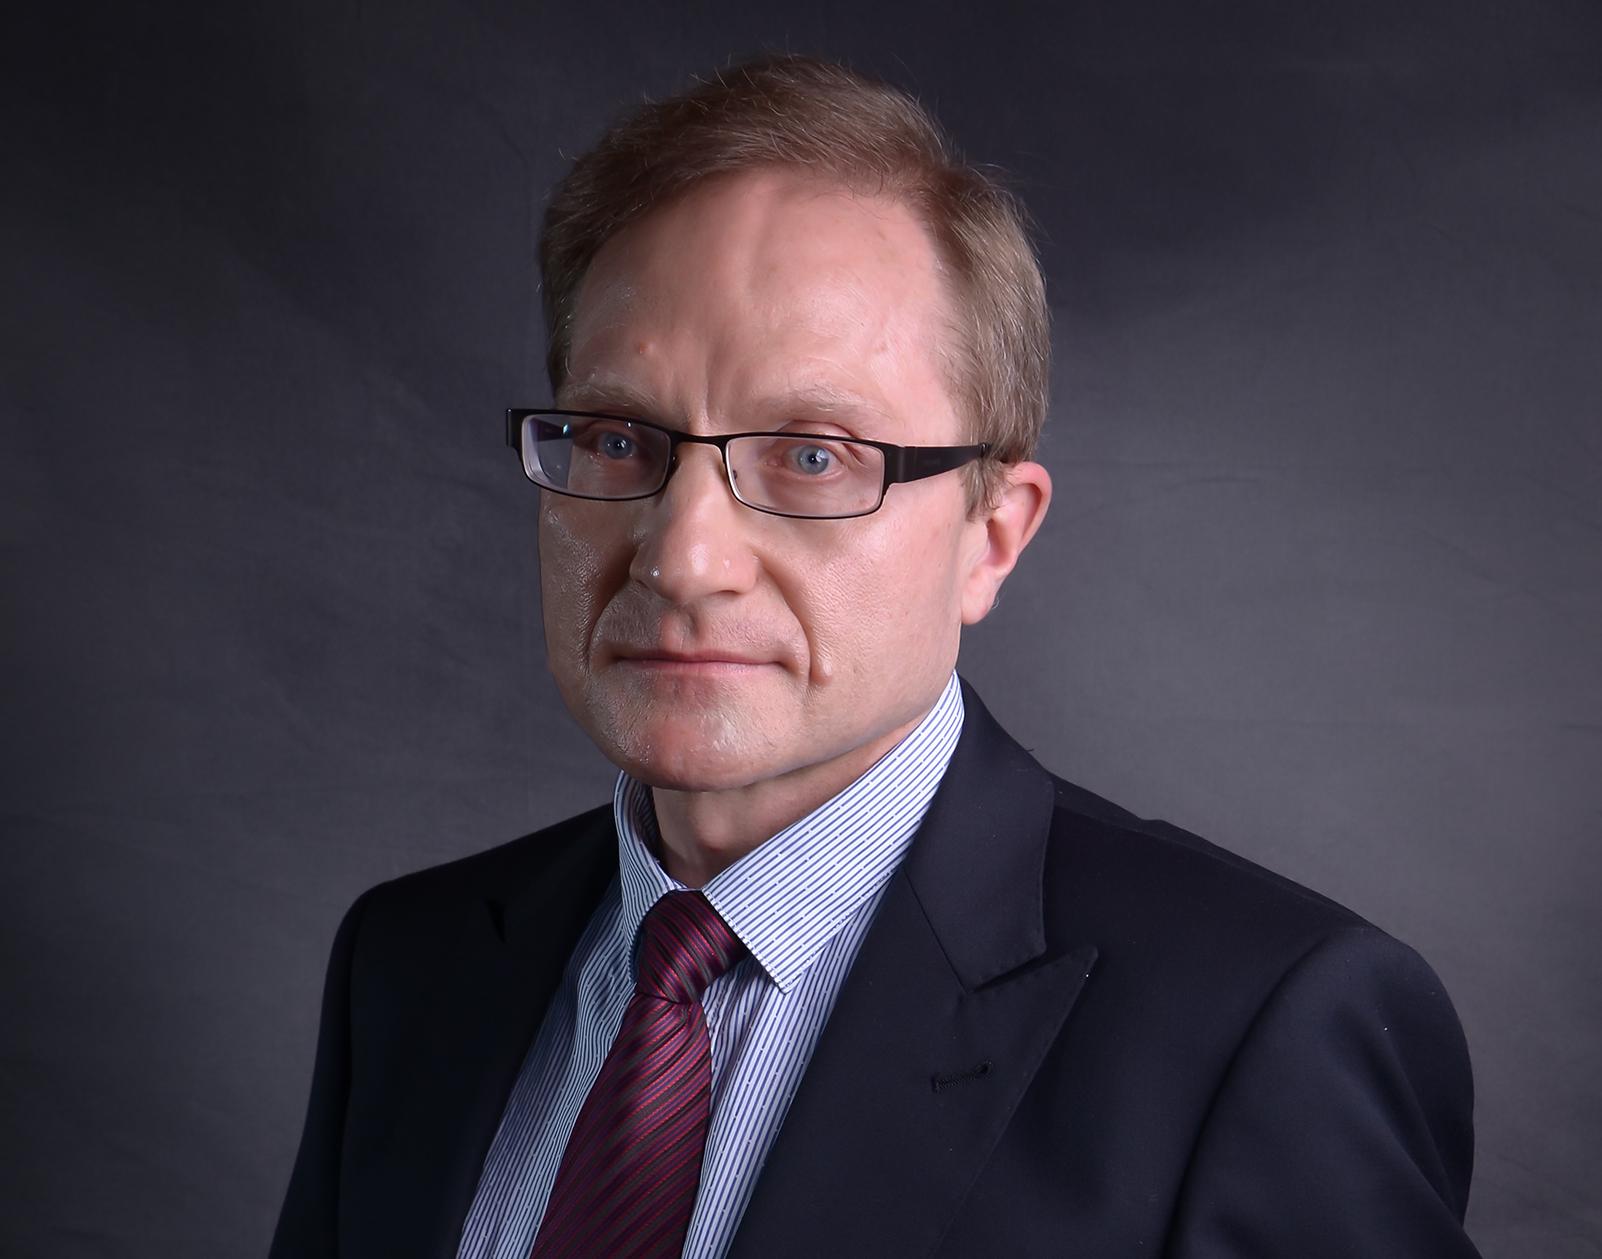 Михаил Дмитриев: Дно достигнуто, но быстрого роста при нынешнем сценарии не будет